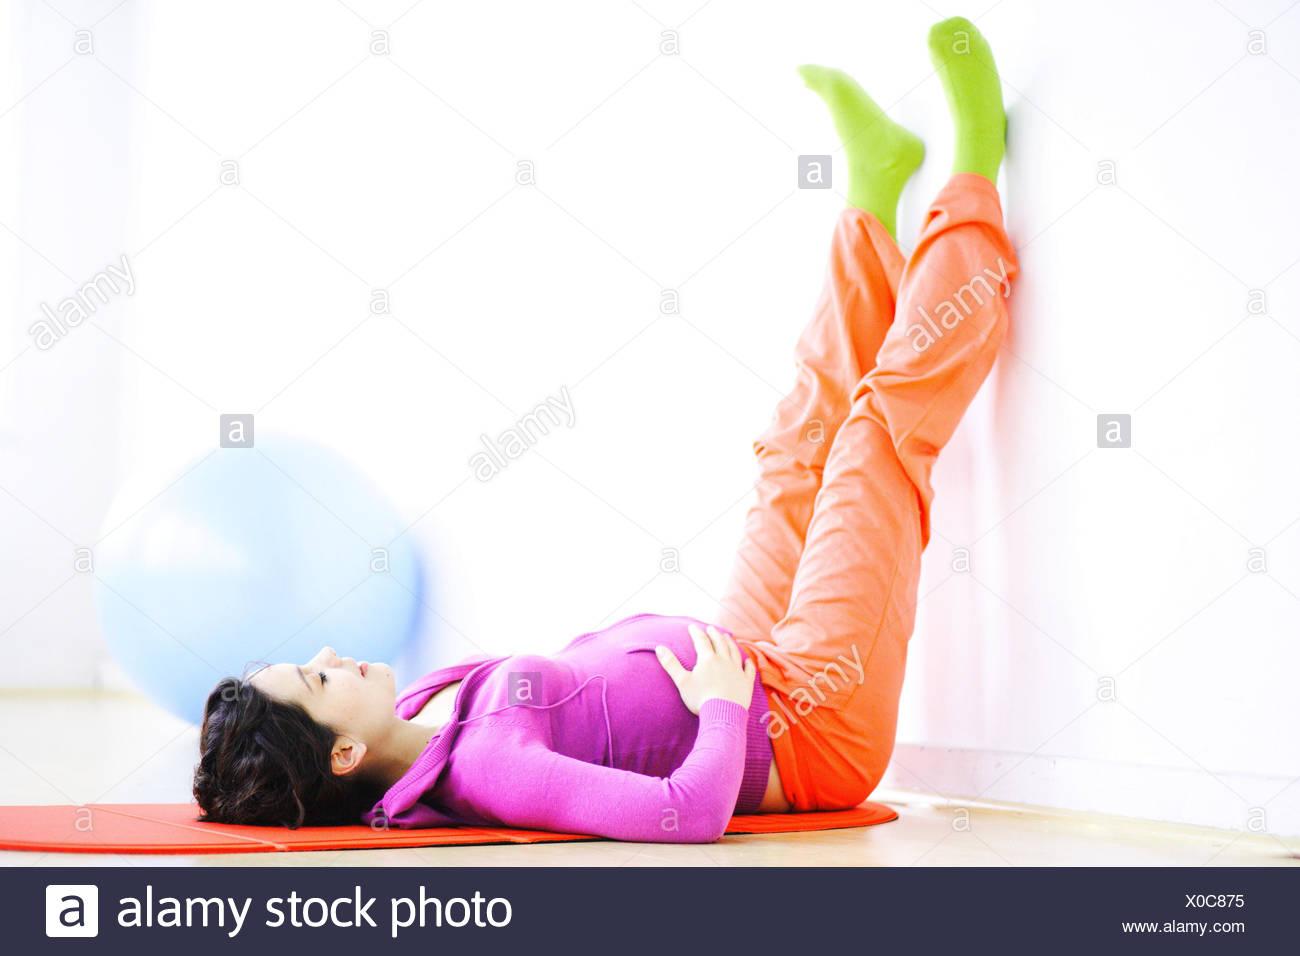 Pregnant woman performing prenatal exercises. - Stock Image